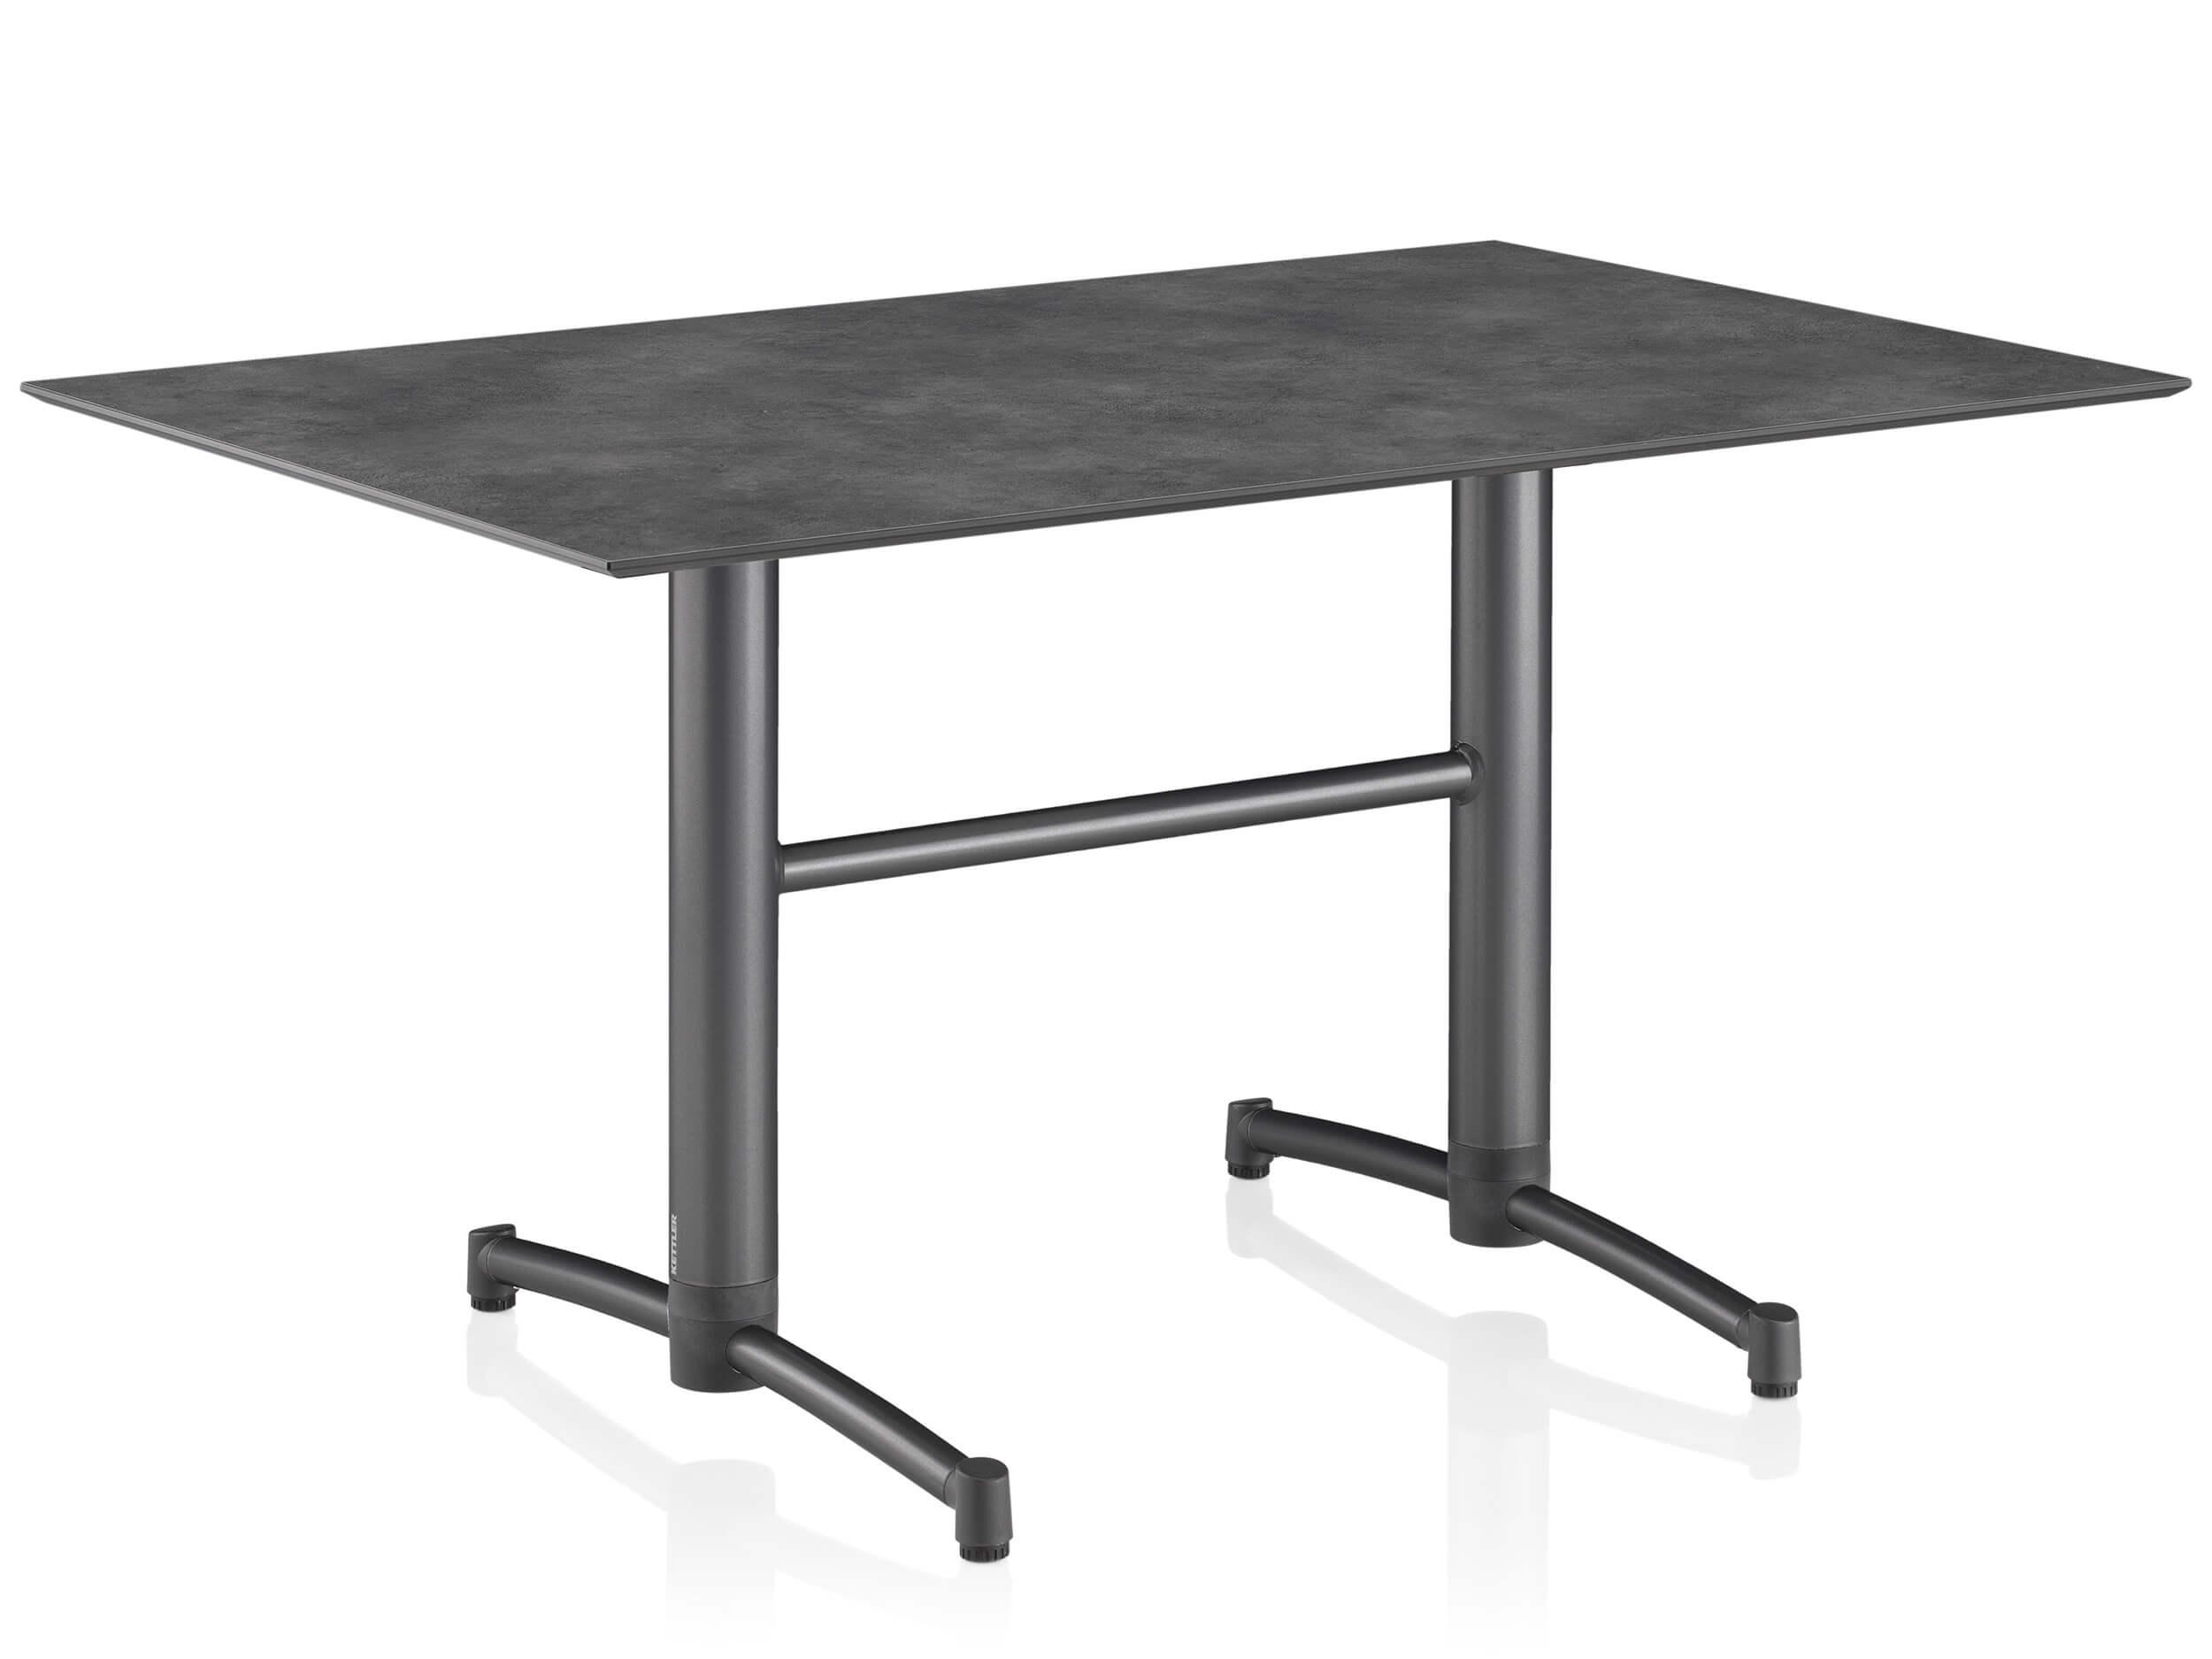 klapptisch kettler tube anthrazit anthrazit 140x95cm gartenm bel l nse. Black Bedroom Furniture Sets. Home Design Ideas